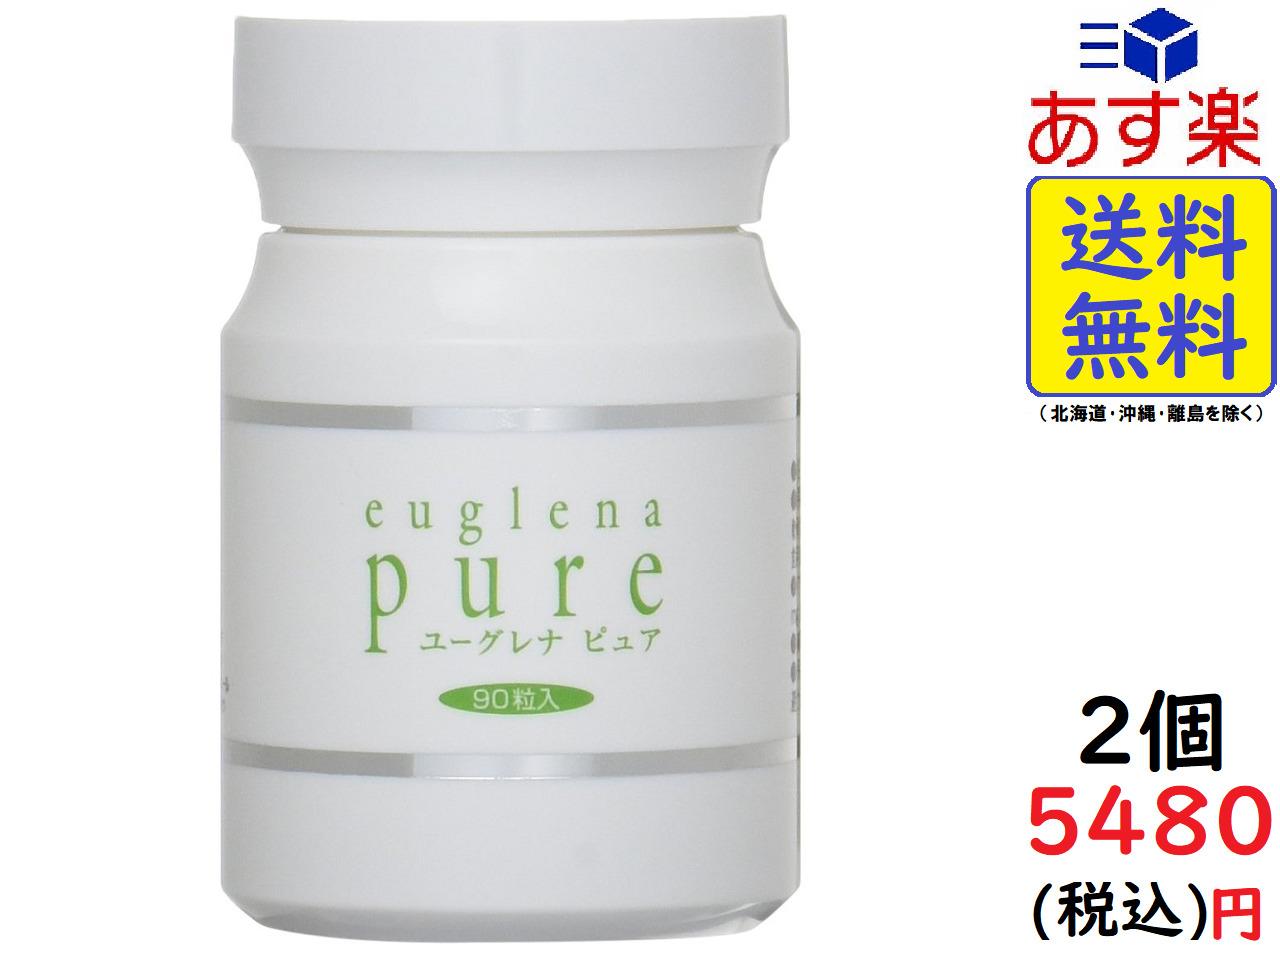 ユーグレナ ピュア 90粒×2個 賞味期限2020/06/30